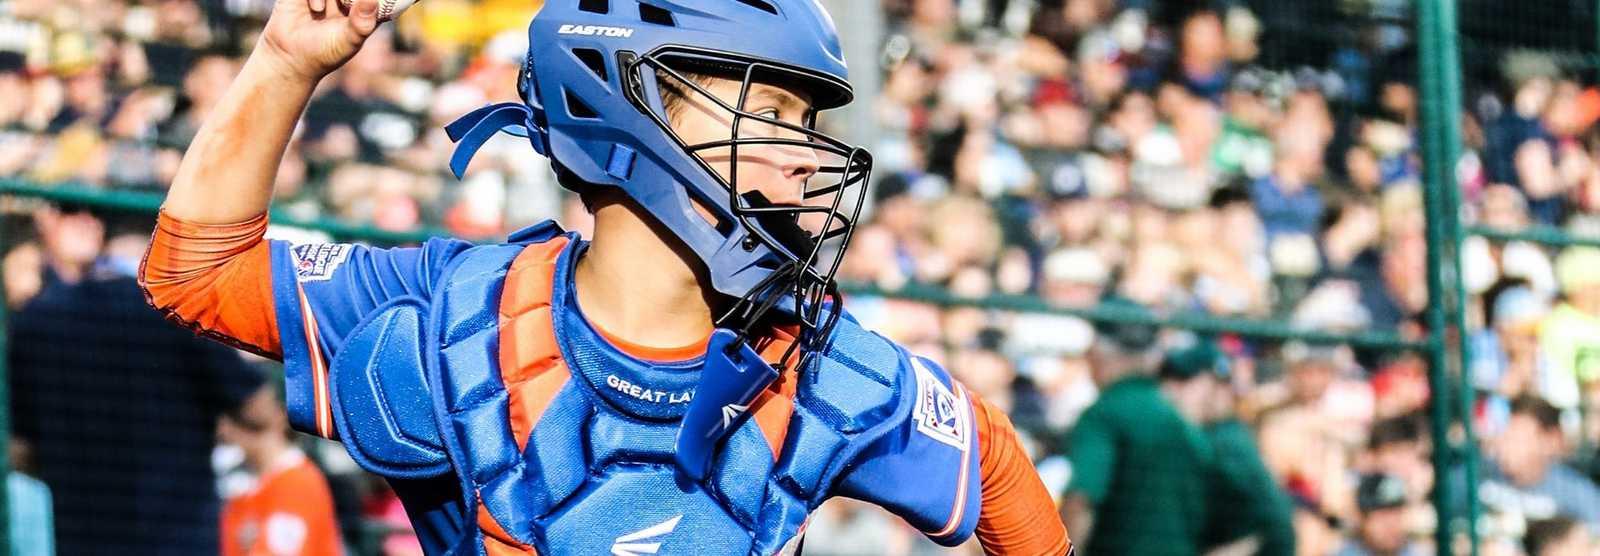 baseball-catchers-helmet